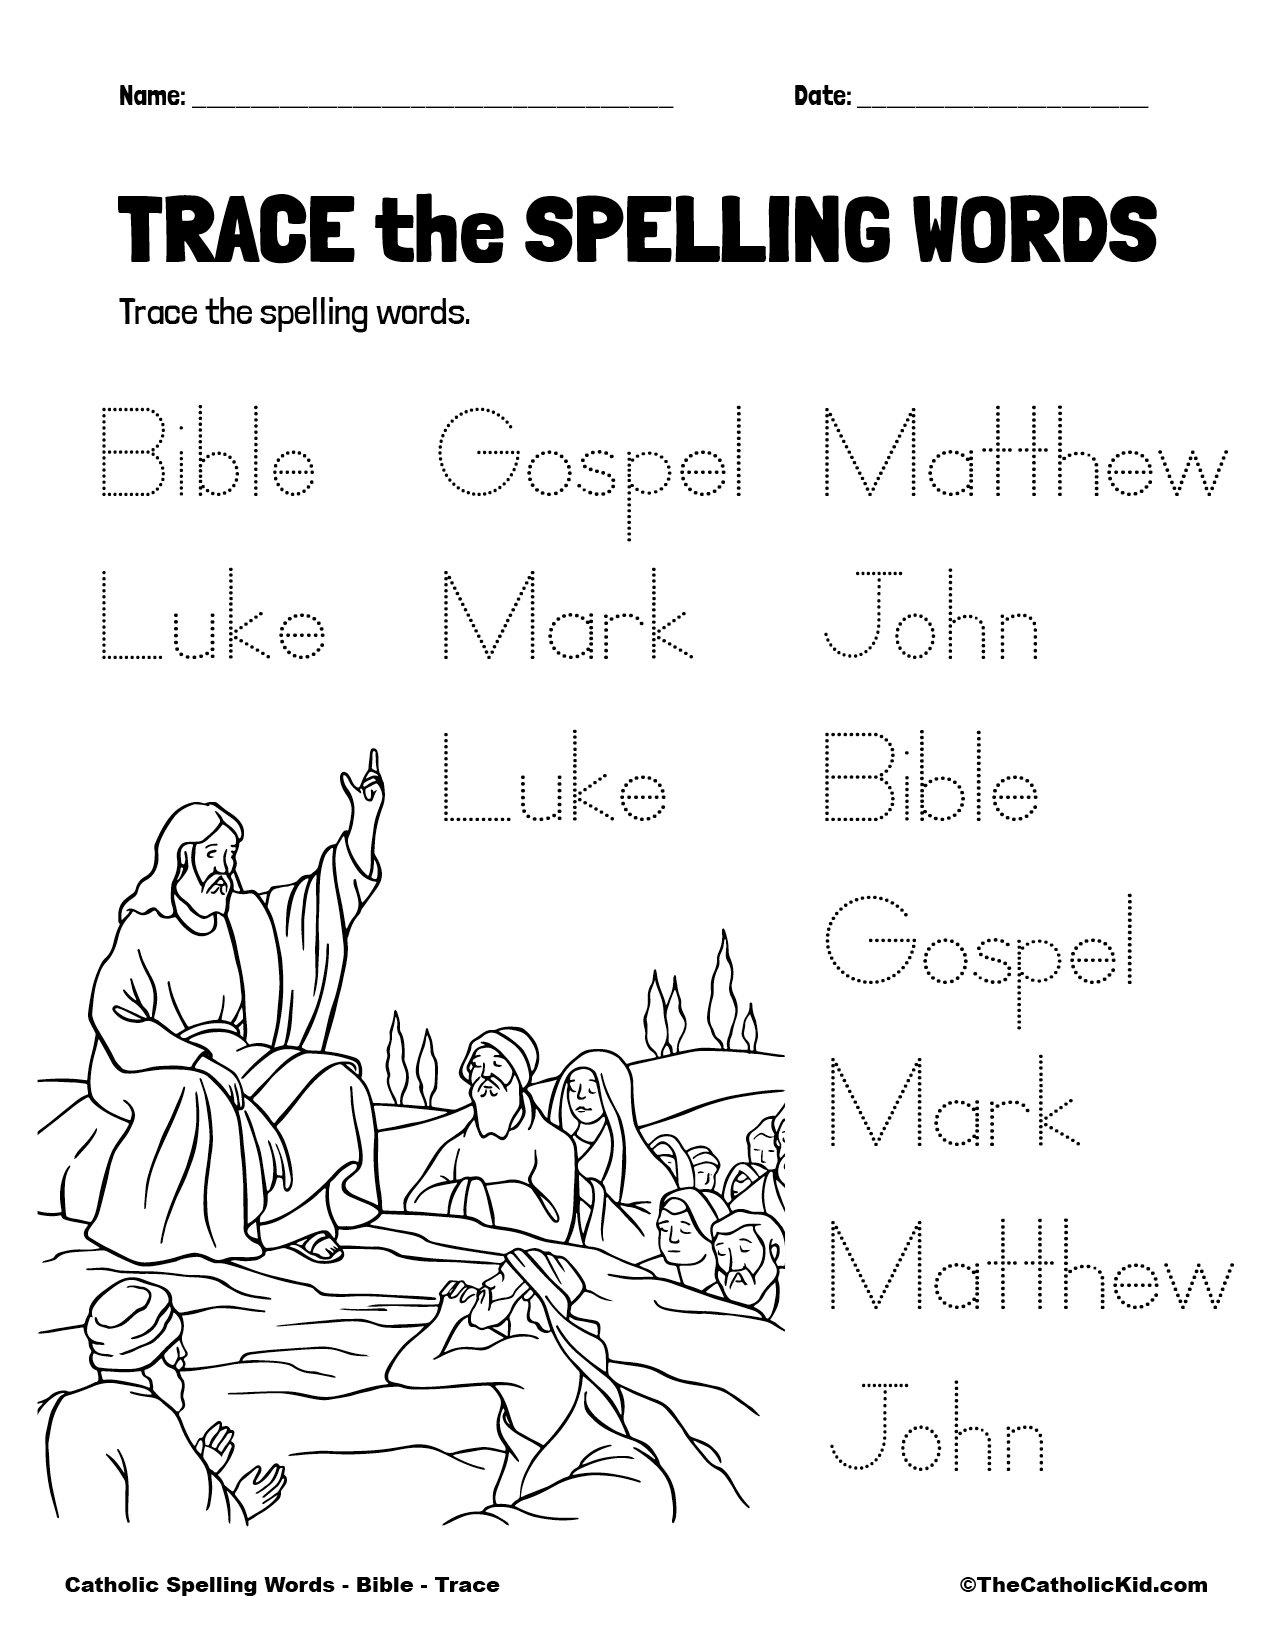 Catholic Spelling & Vocabulary Words Bible Worksheet 2 Trace